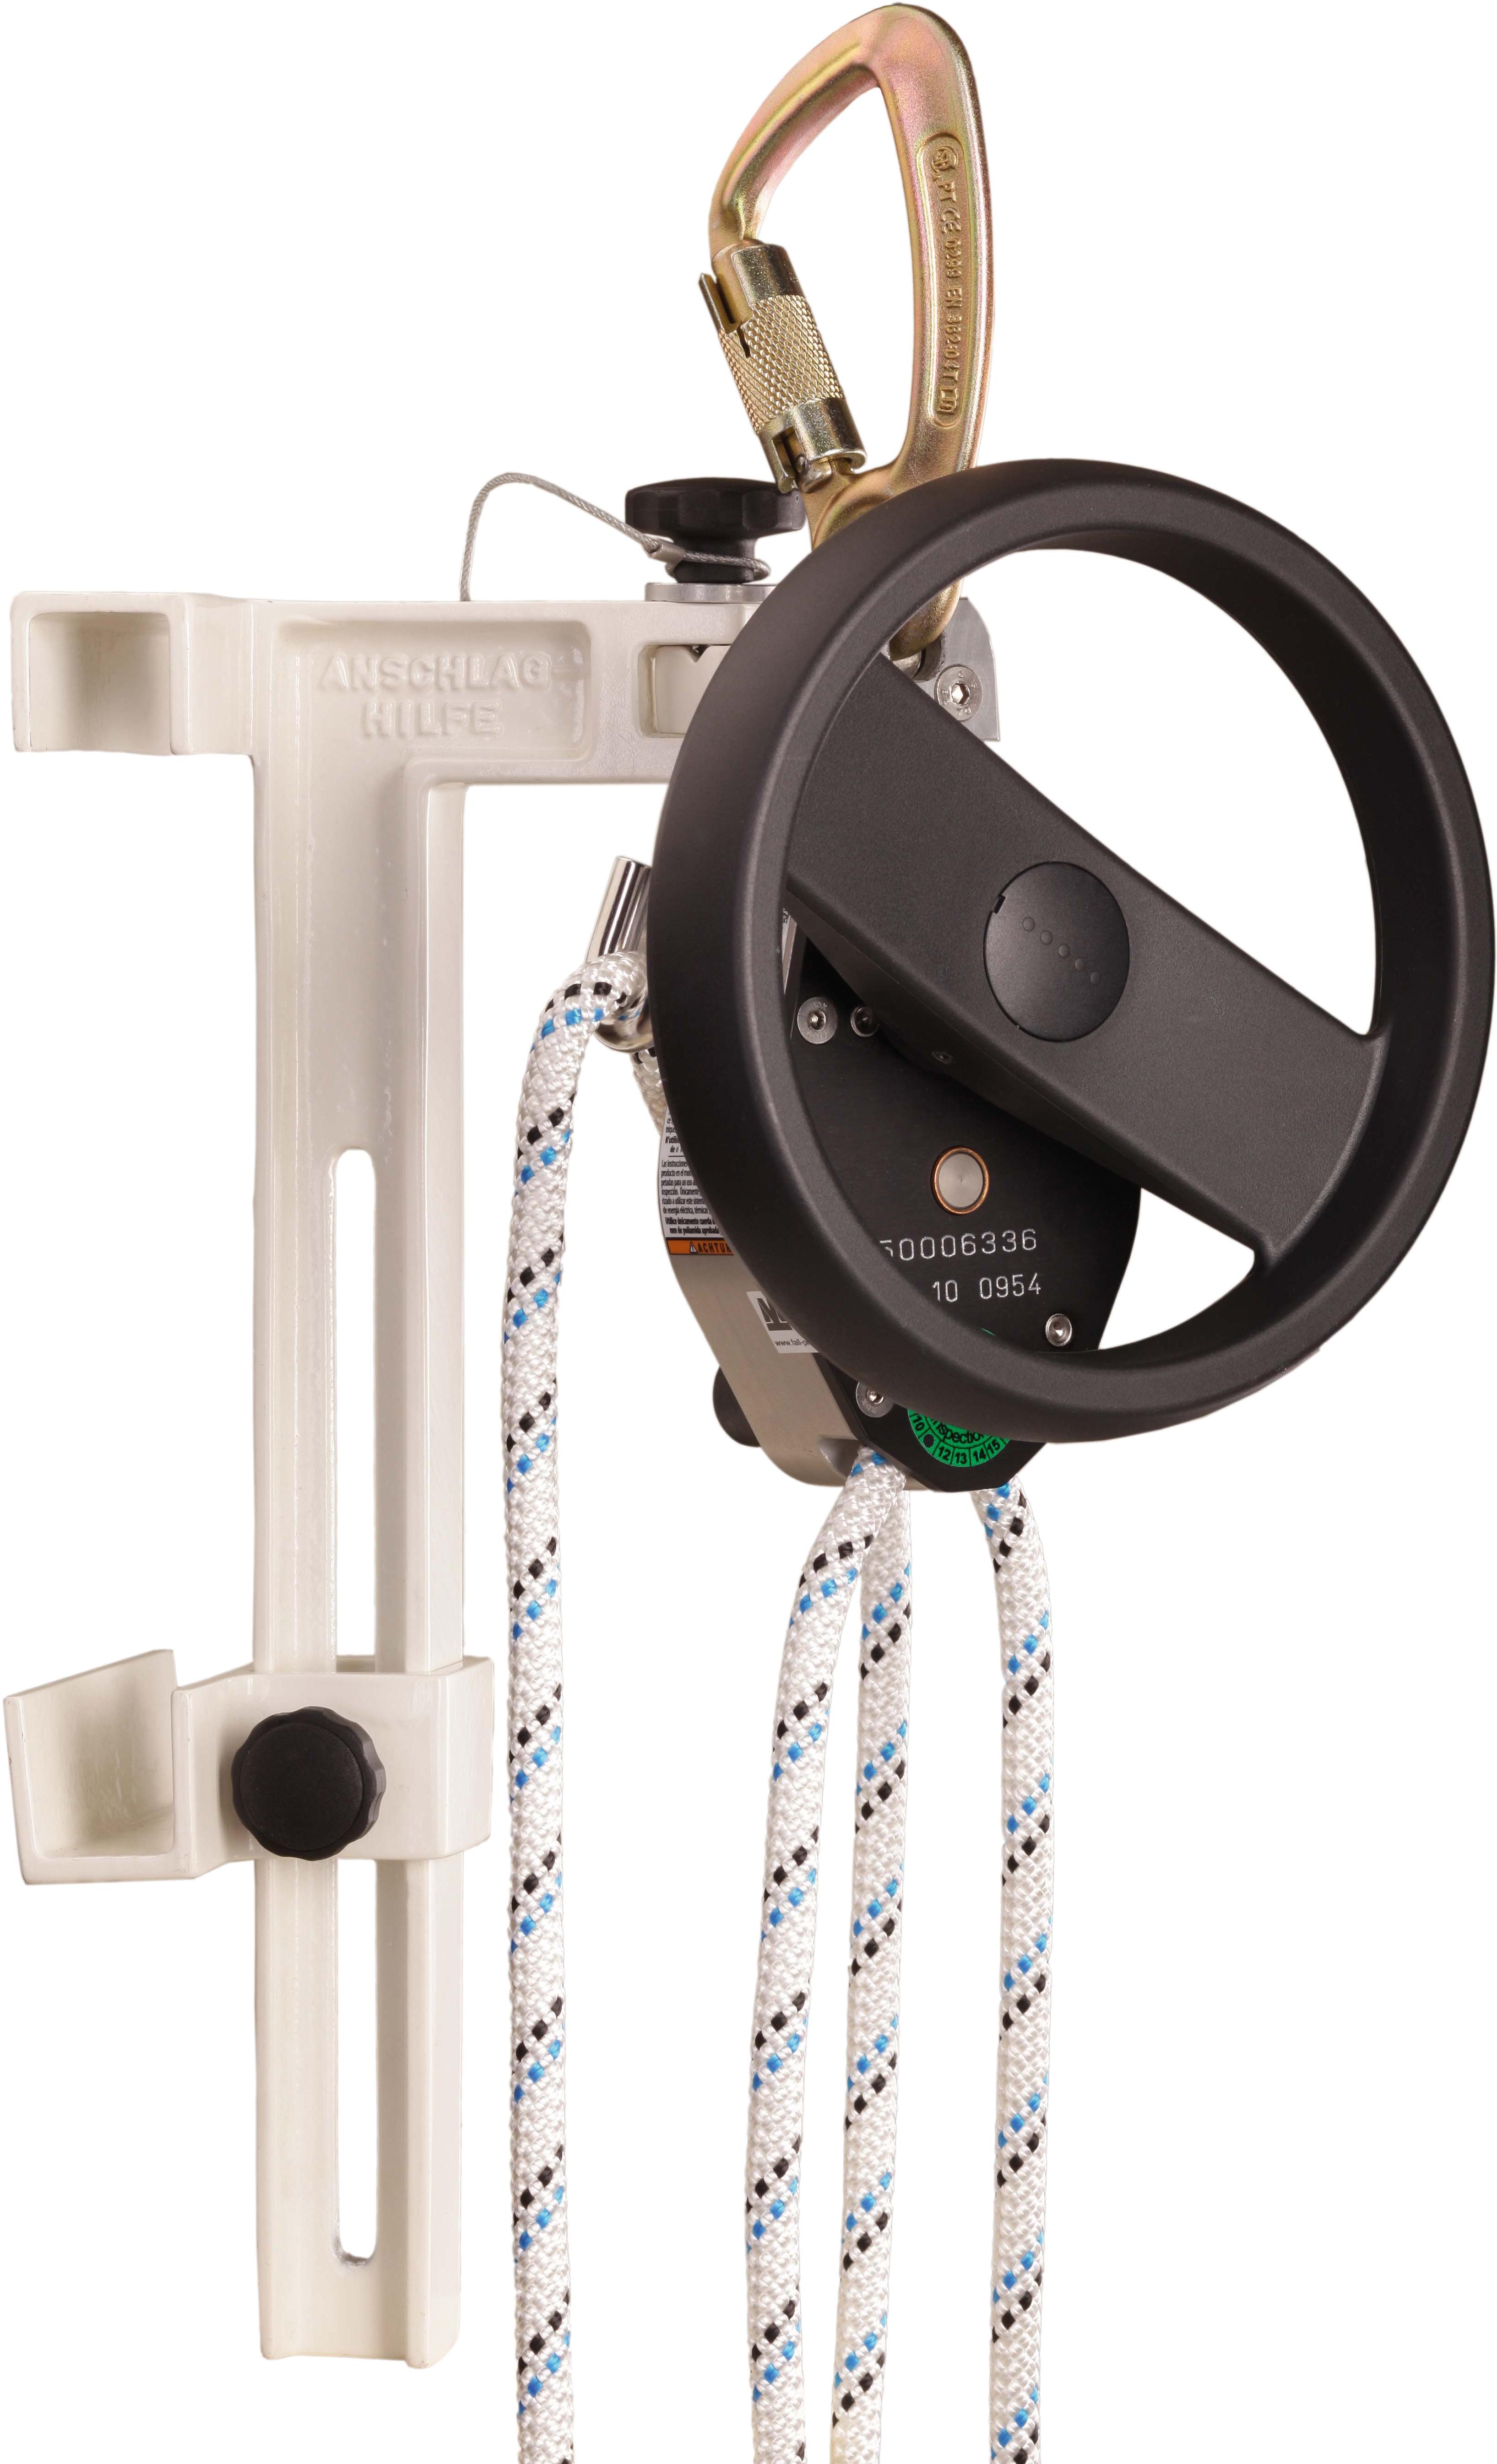 Honeywell Miller SafEscape Elite mit Handrad und Leiteradapter